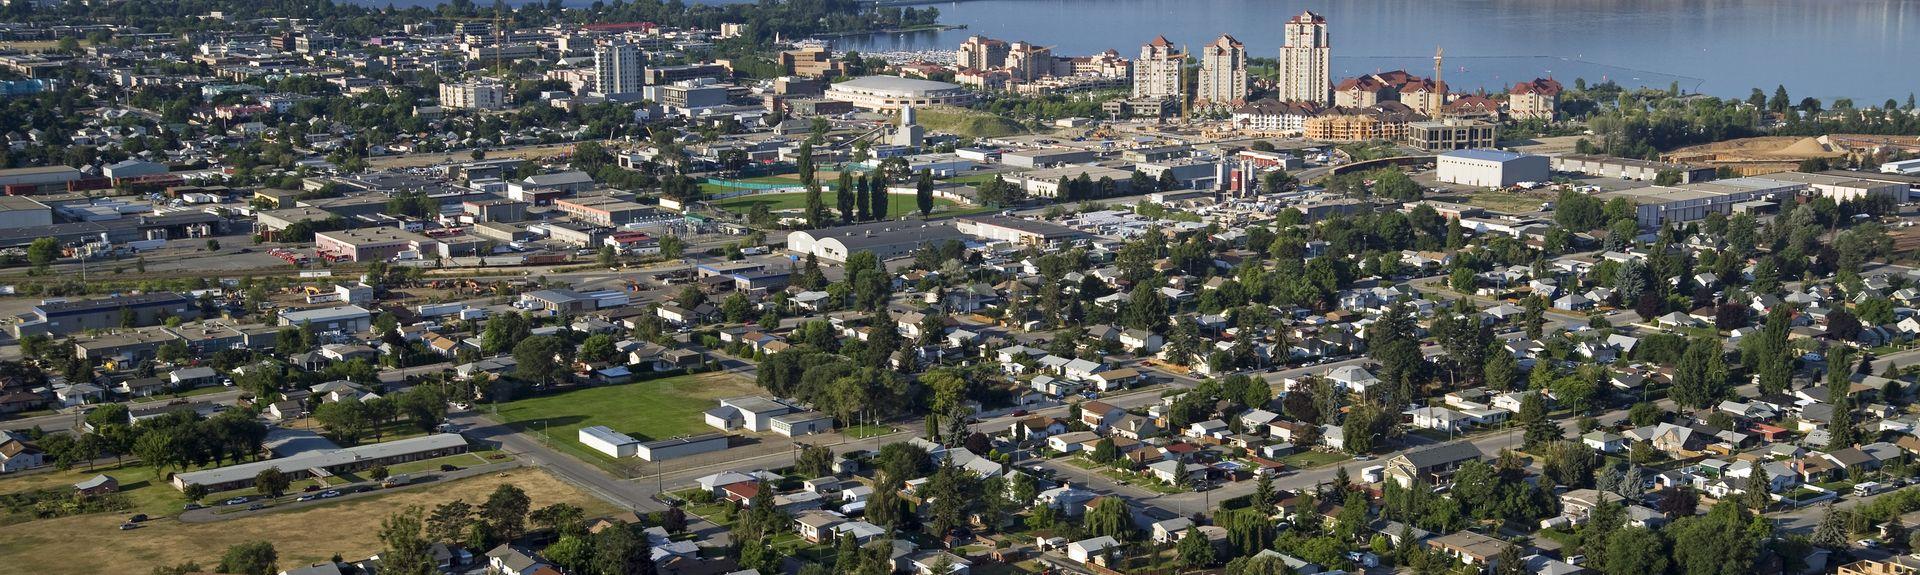 Kelowna, BC, Canada